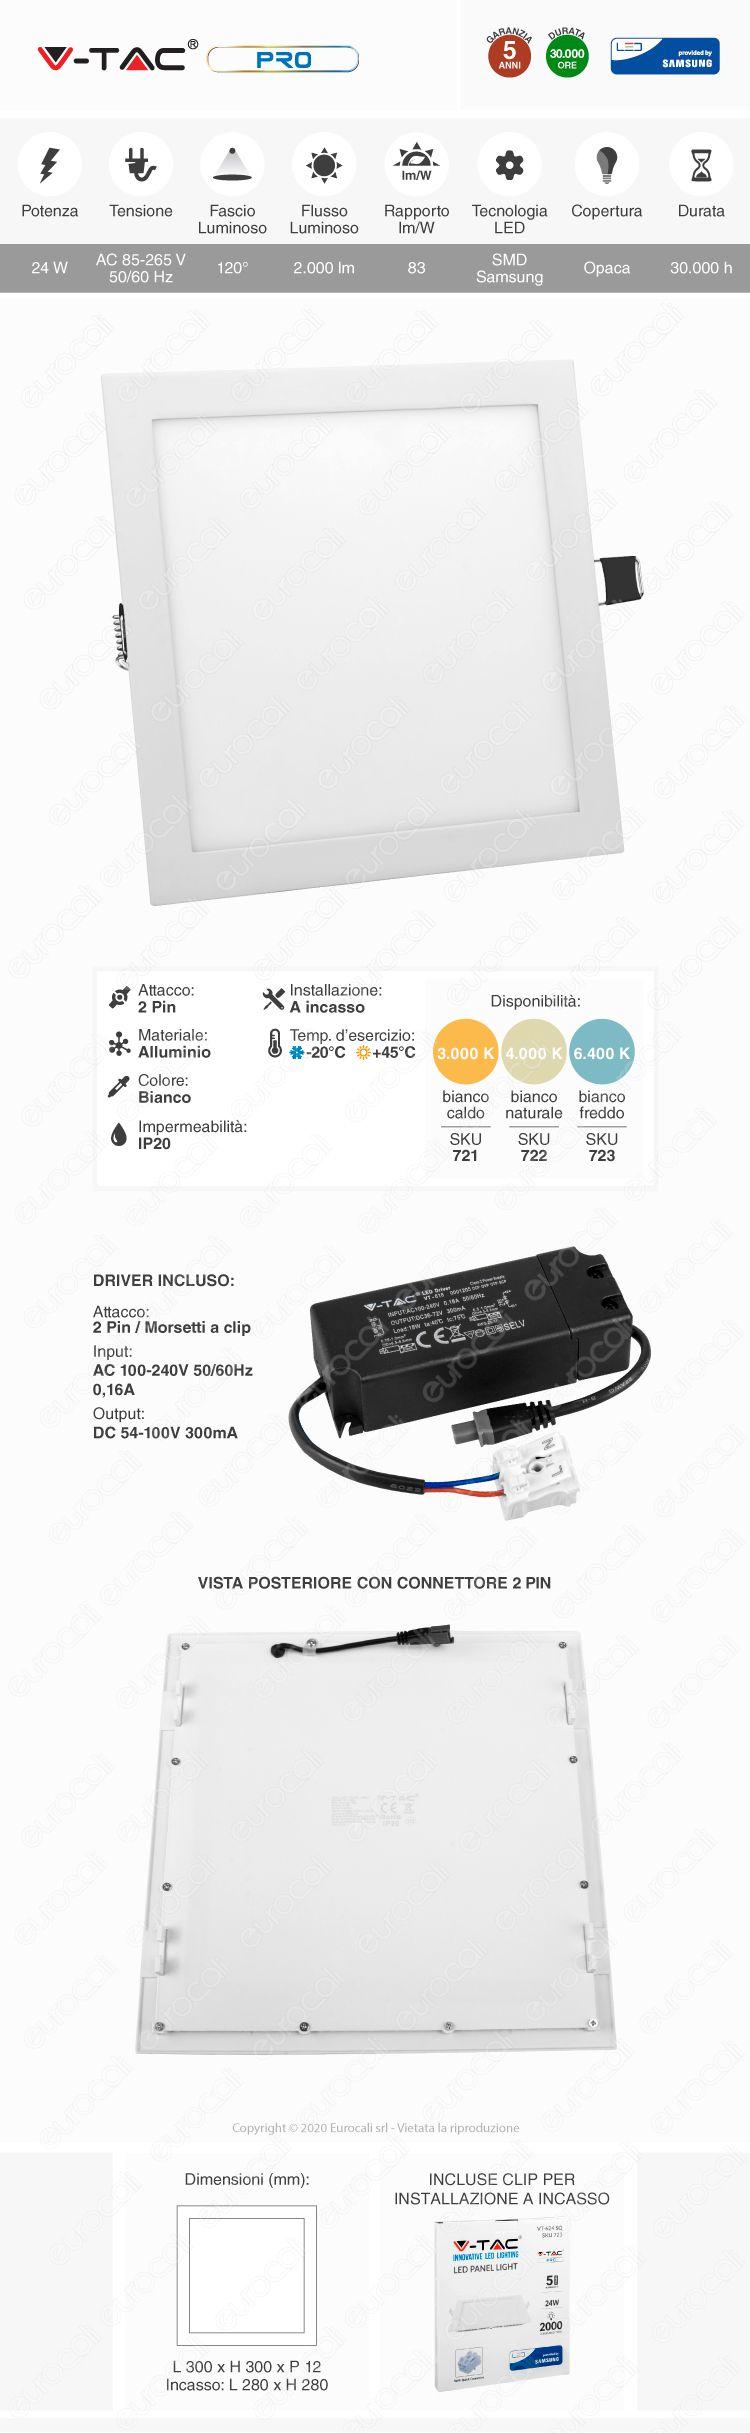 V-Tac PRO VT-624 SQ Pannello LED Quadrato 24W SMD da Incasso con Driver con Chip Samsung